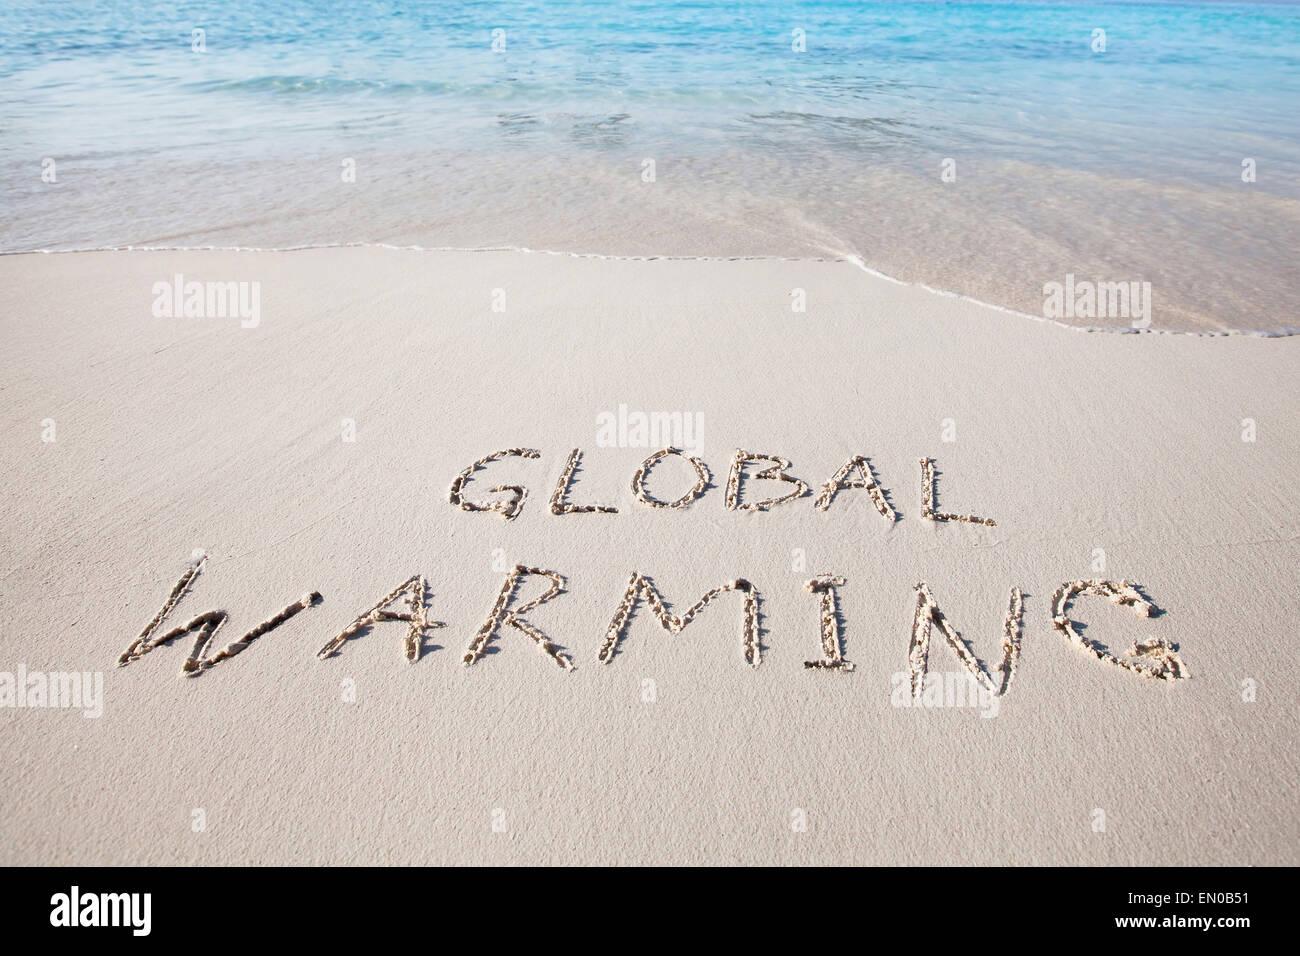 Concepto de calentamiento global Imagen De Stock